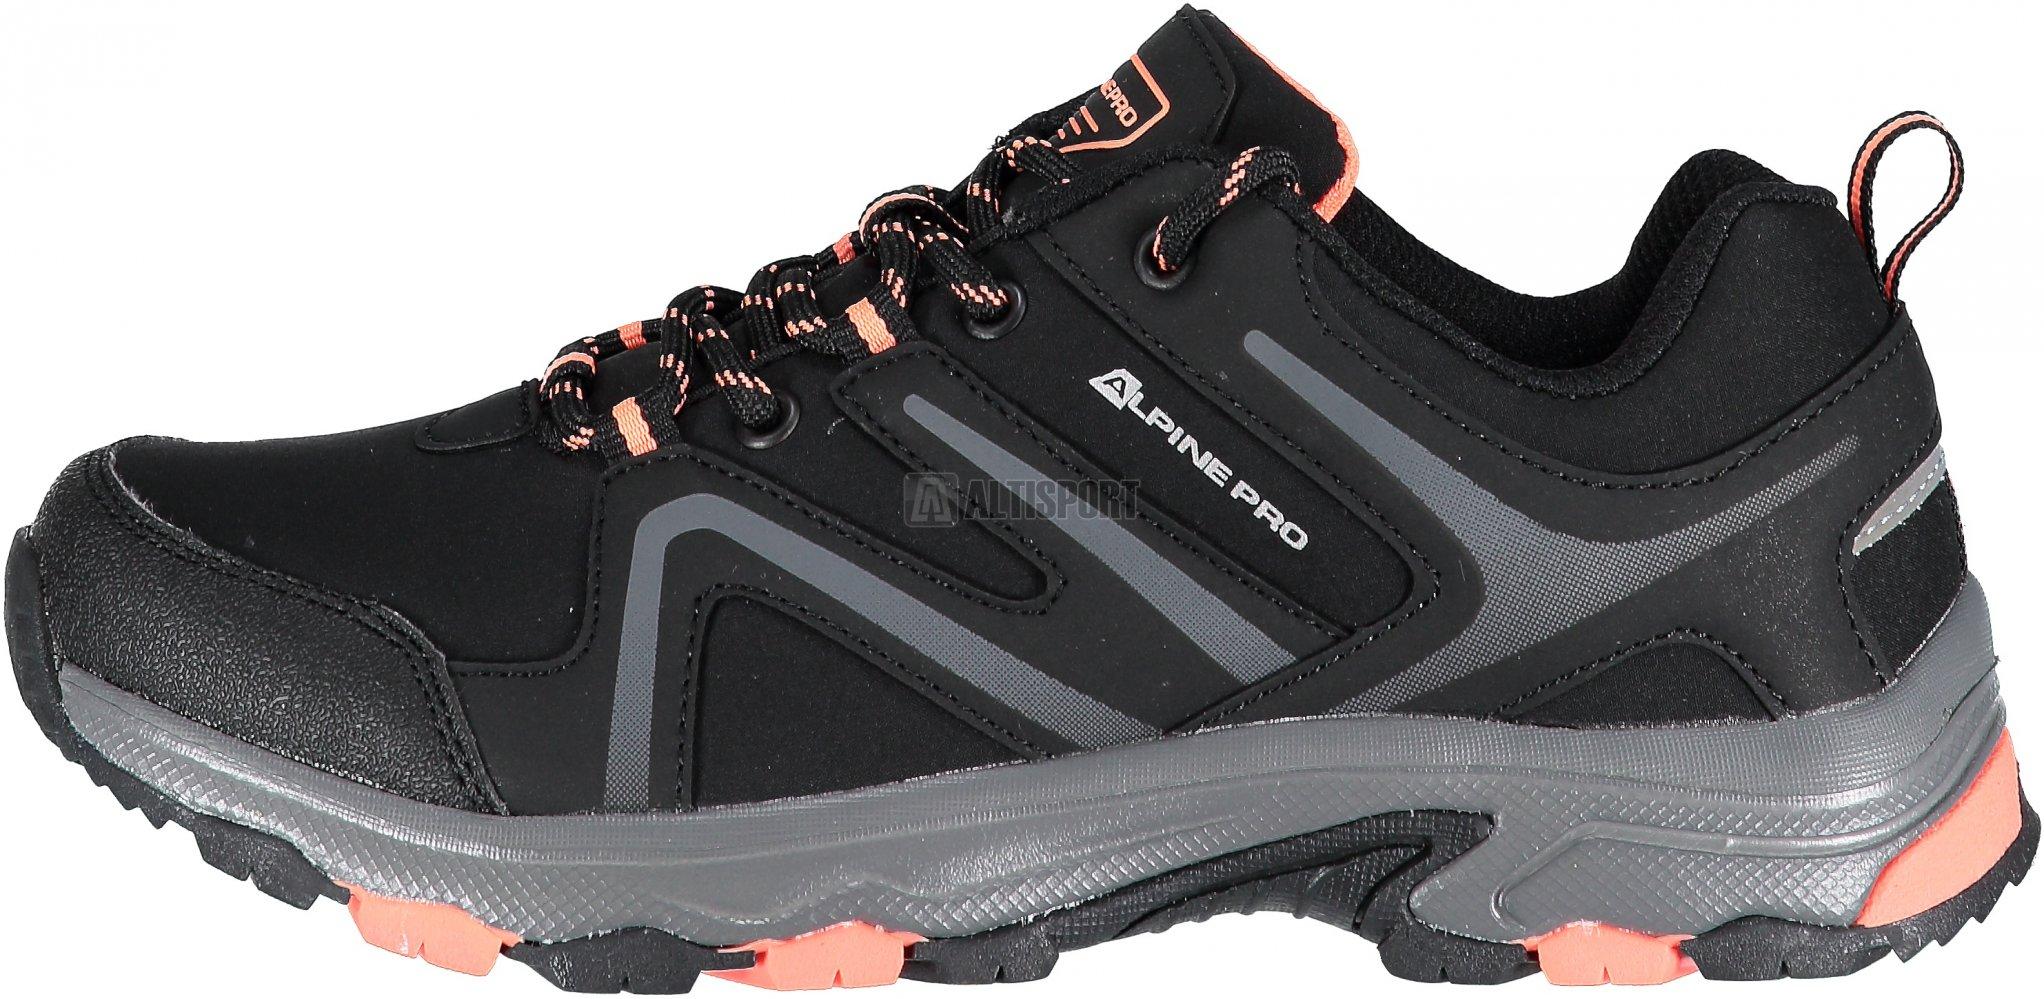 baed41e8111 Dámské boty ALPINE PRO CHERA LBTM172 ČERNÁ velikost  EU 37 (UK 4 ...